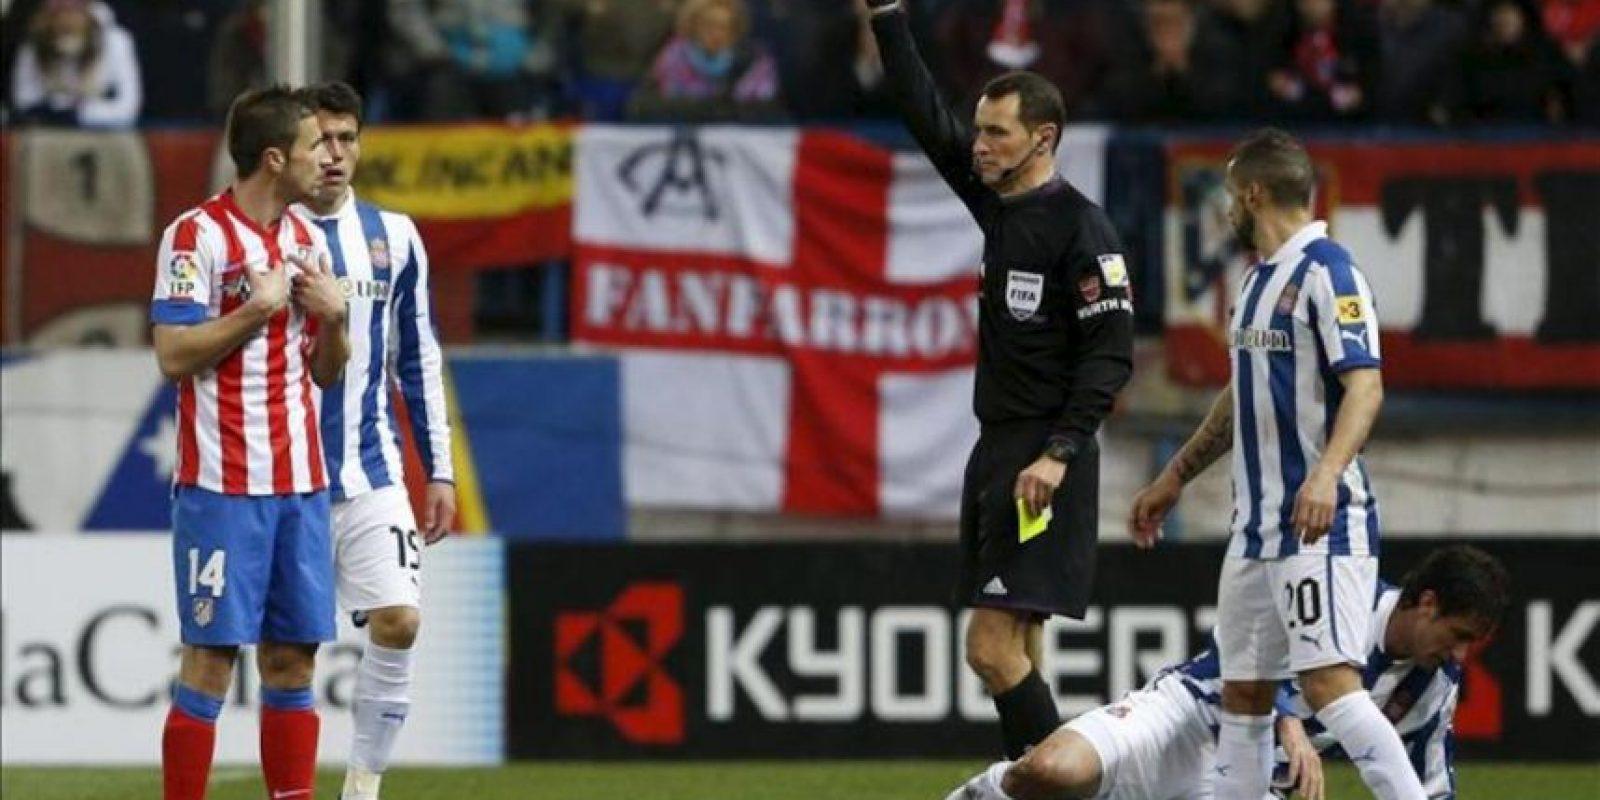 El árbitro del encuentro, Carlos Clos Gómez, saca tarjeta roja al centrocampista del Atlético de Madrid Gabi Fernández (i) durante el partido de la vigésimo quinta jornada de Liga de Primera División disputado ante el RCD Espanyol en el estadio Vicente Calderón. EFE